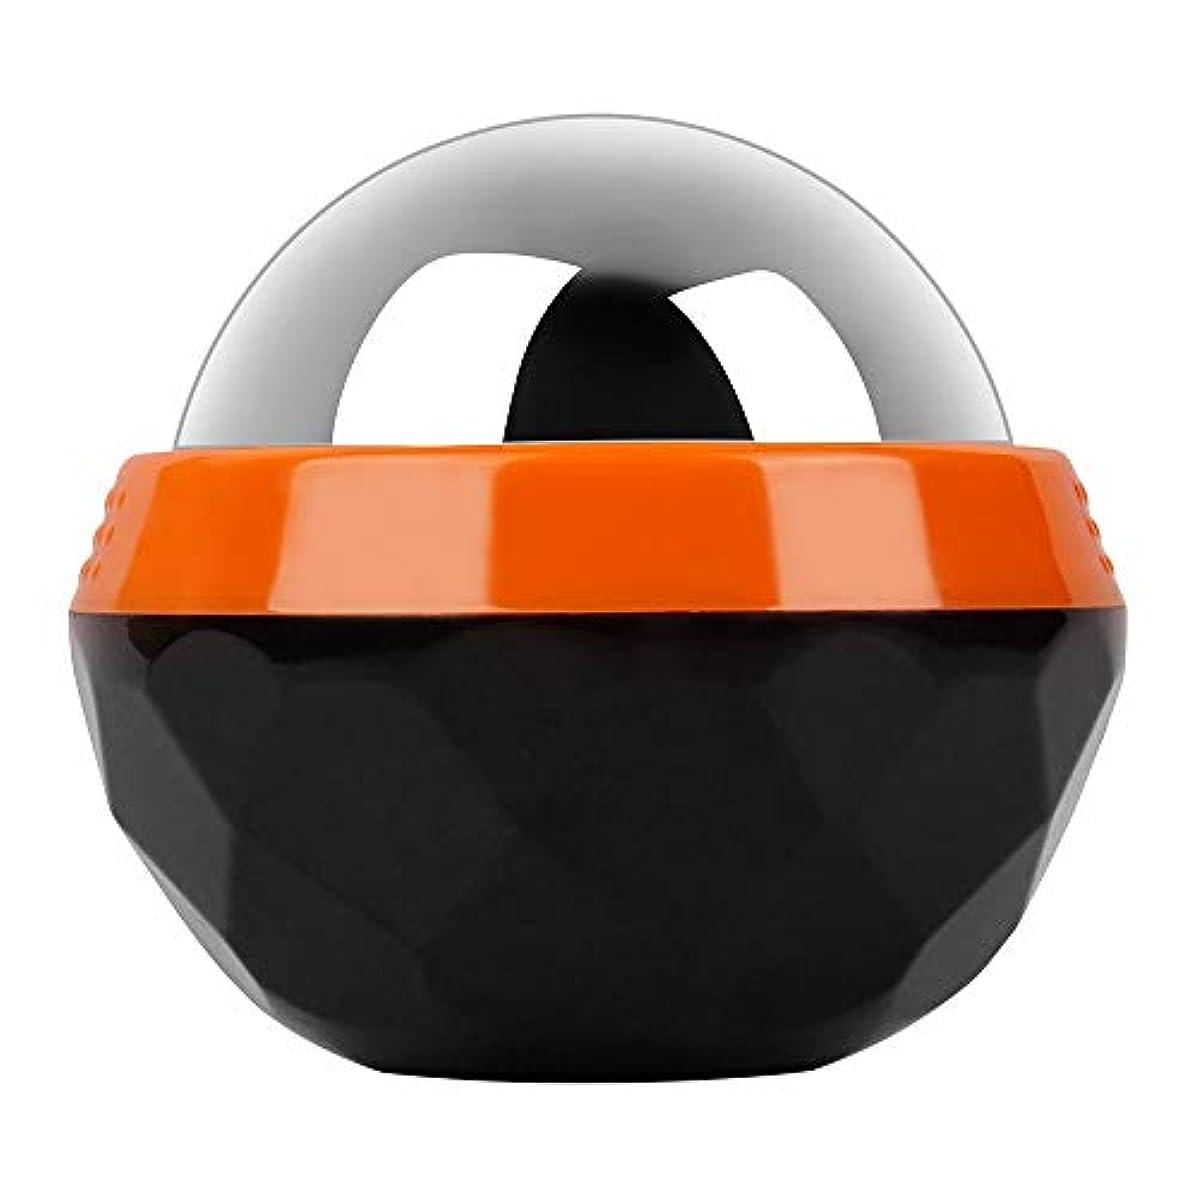 評決コンパス派手GeTooコールドマッサージローラーボール-2.4インチの氷球は6時間冷たさを持続、アイスセラピーディープティッシュマッサージ、オレンジとブラック